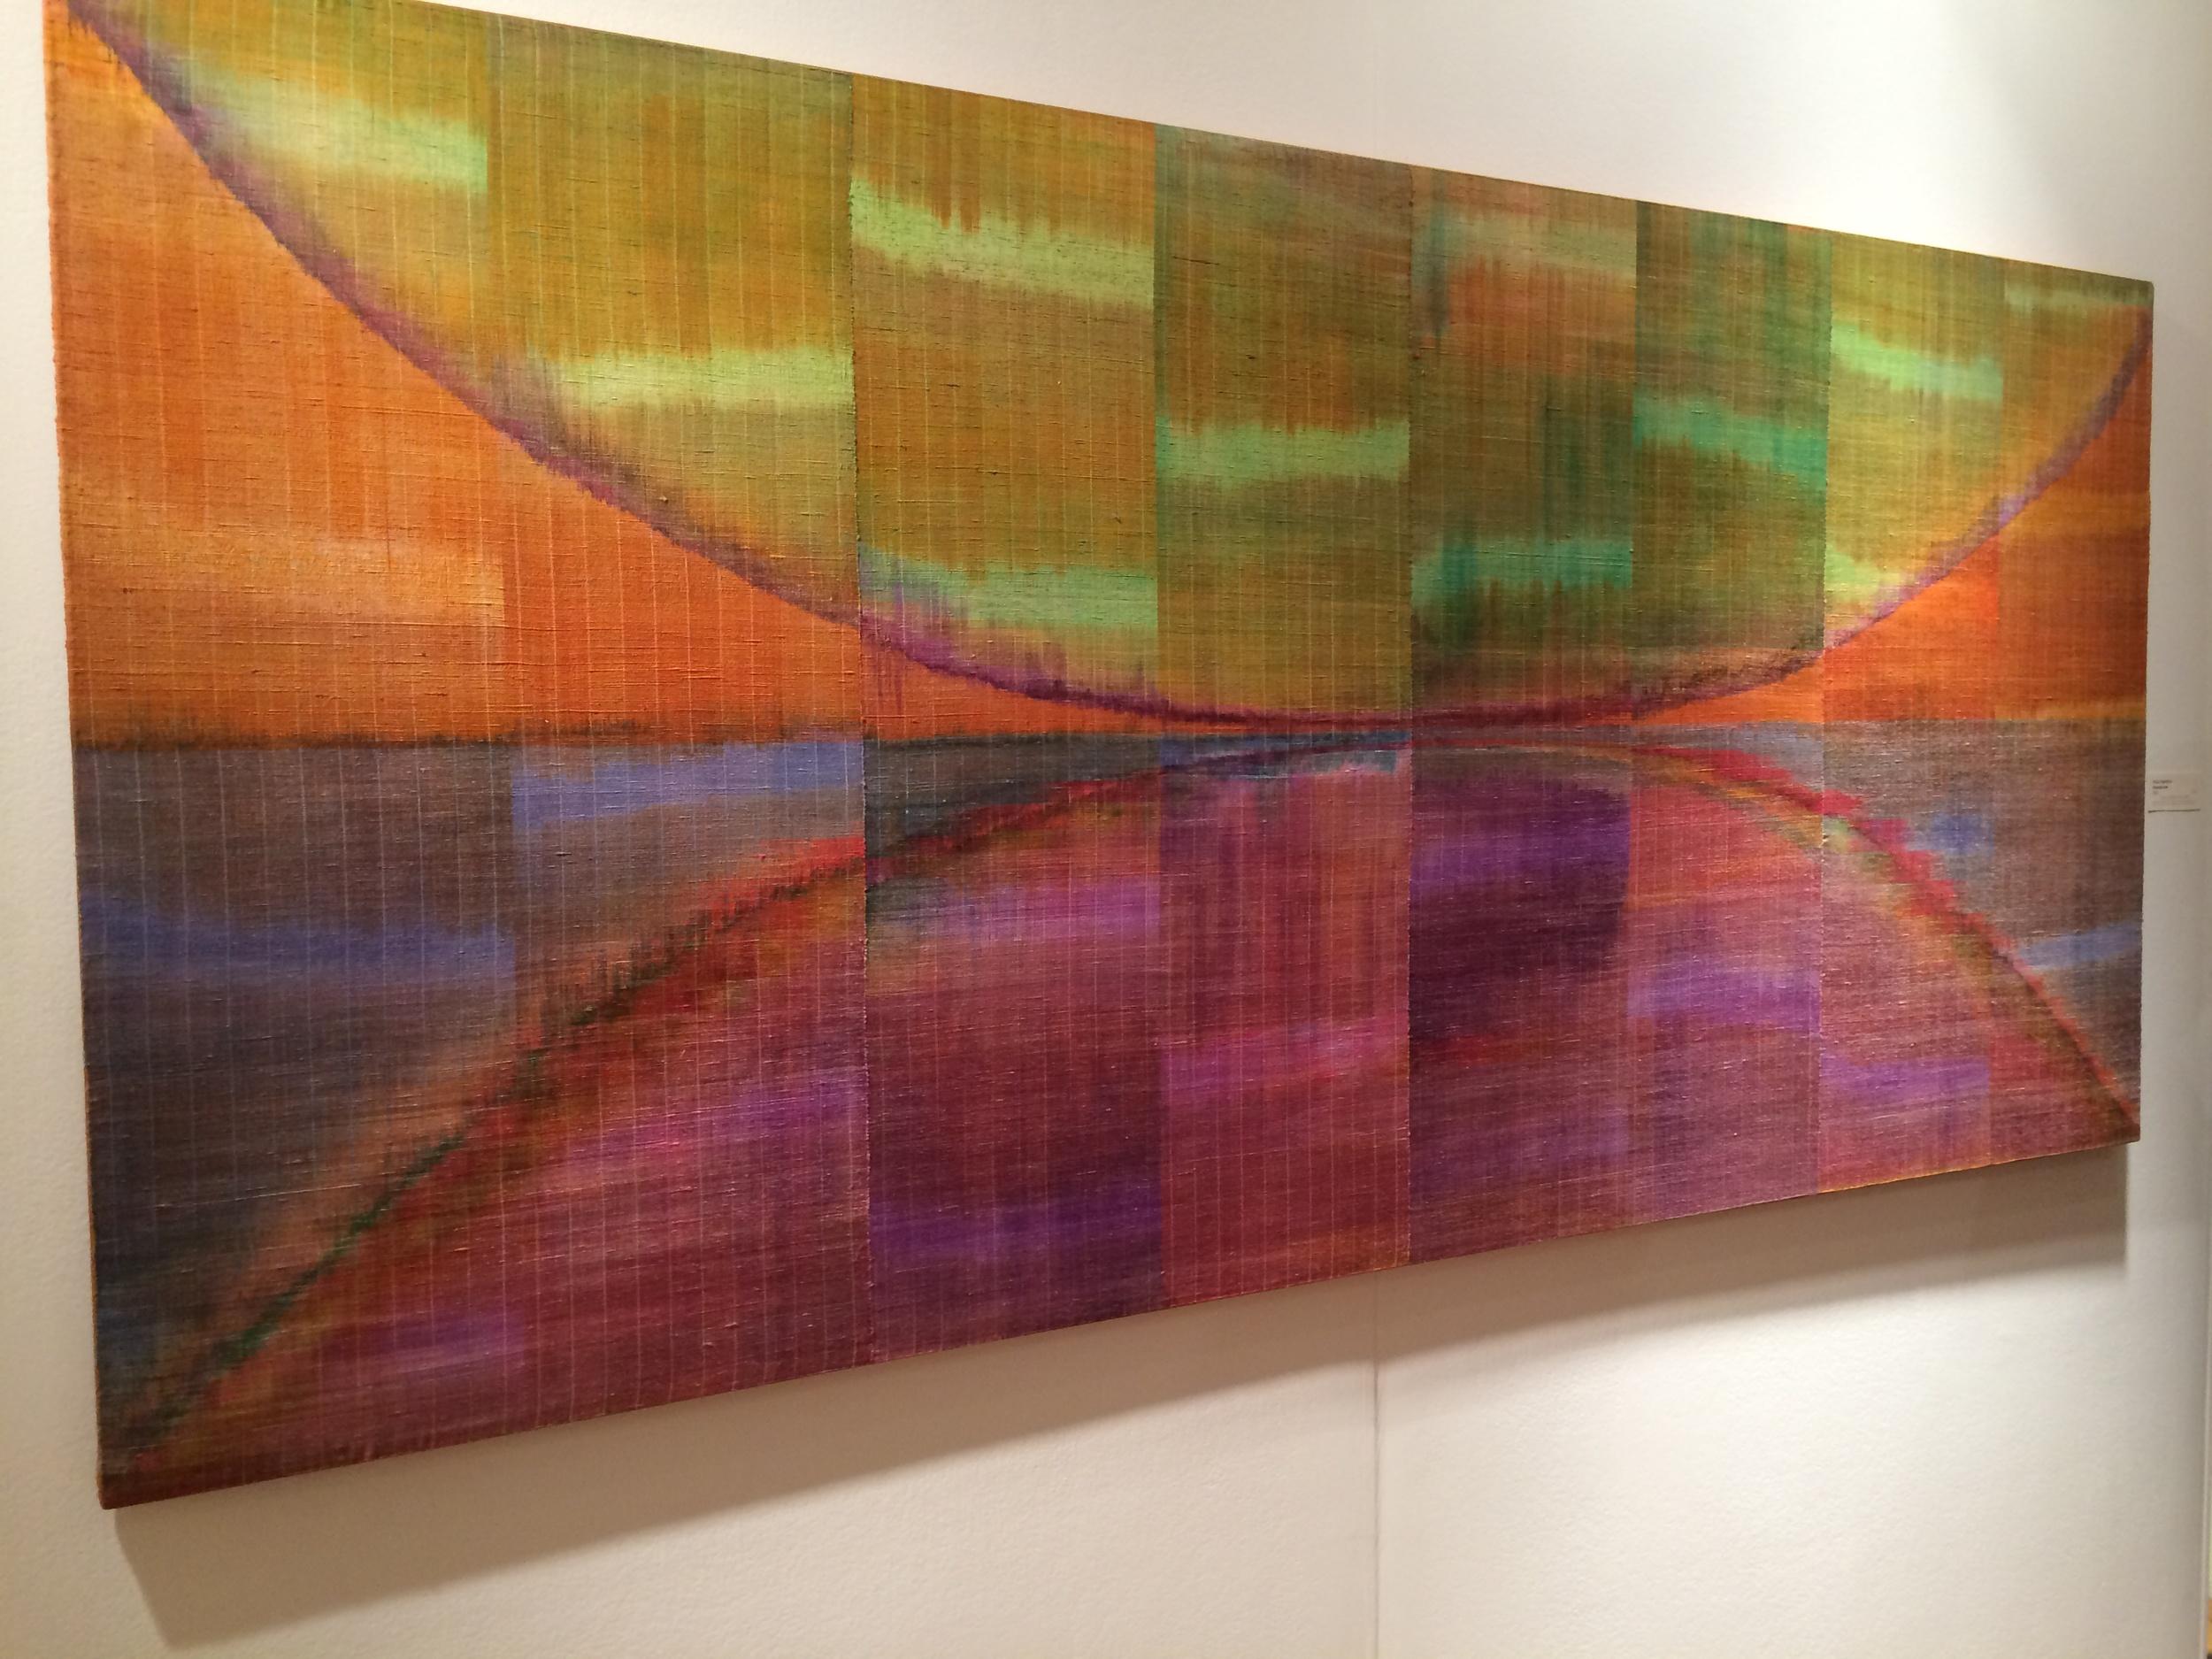 Polly Barton, Persephone, 2008  Woven silk ikat